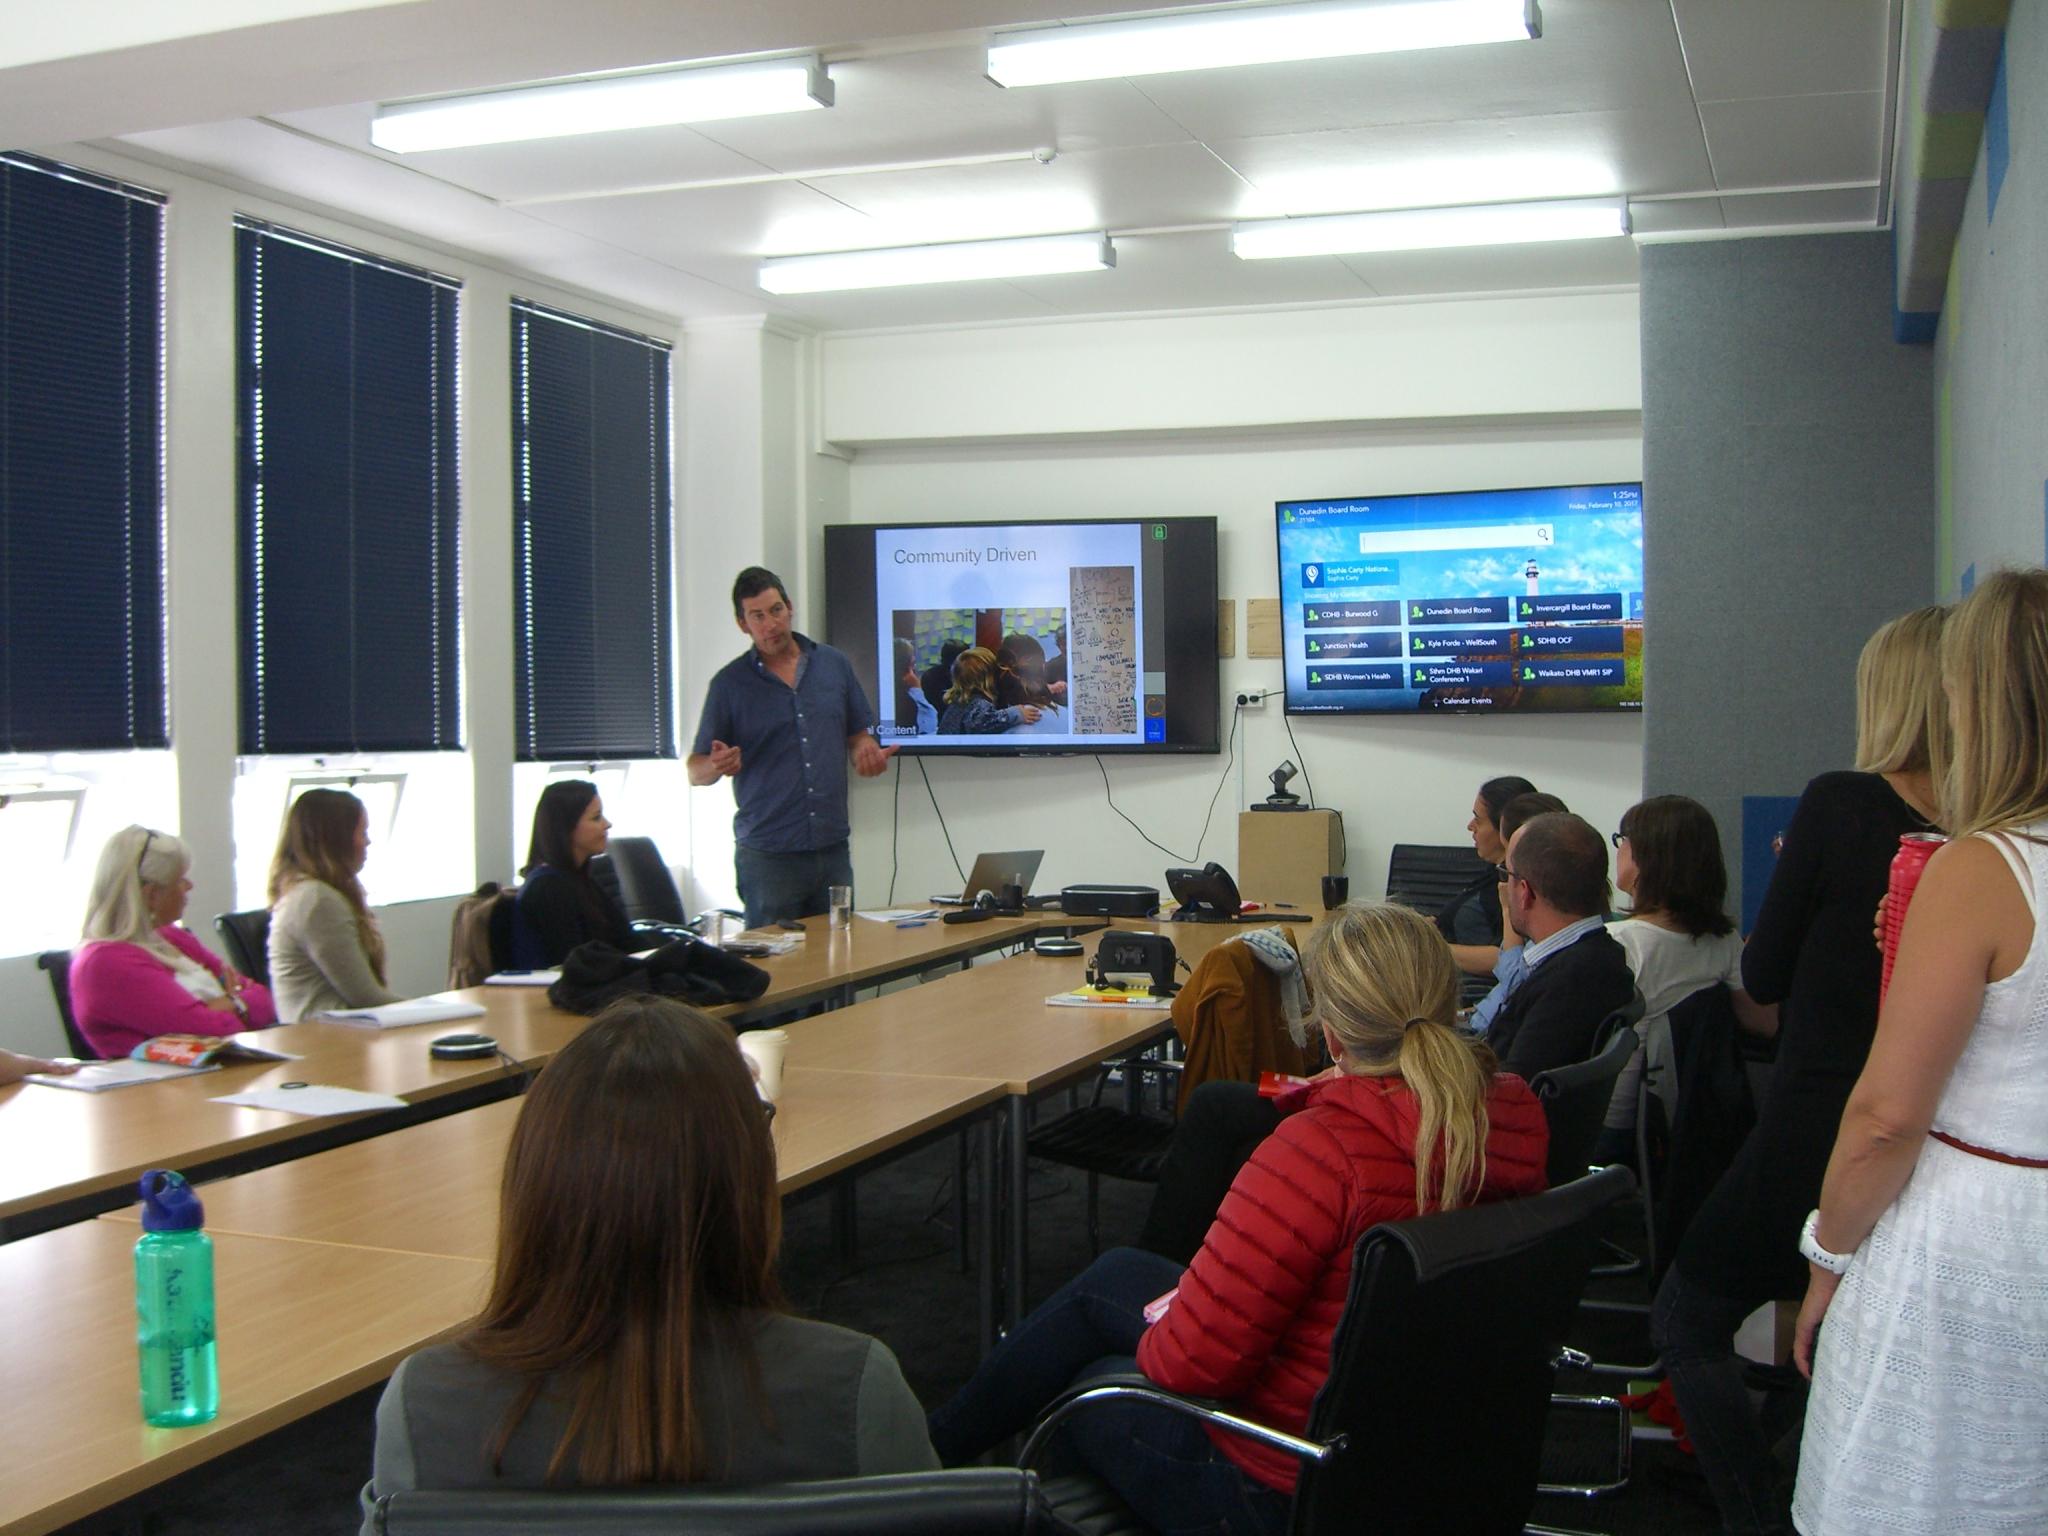 Rhys presenting Otago Food Economy work